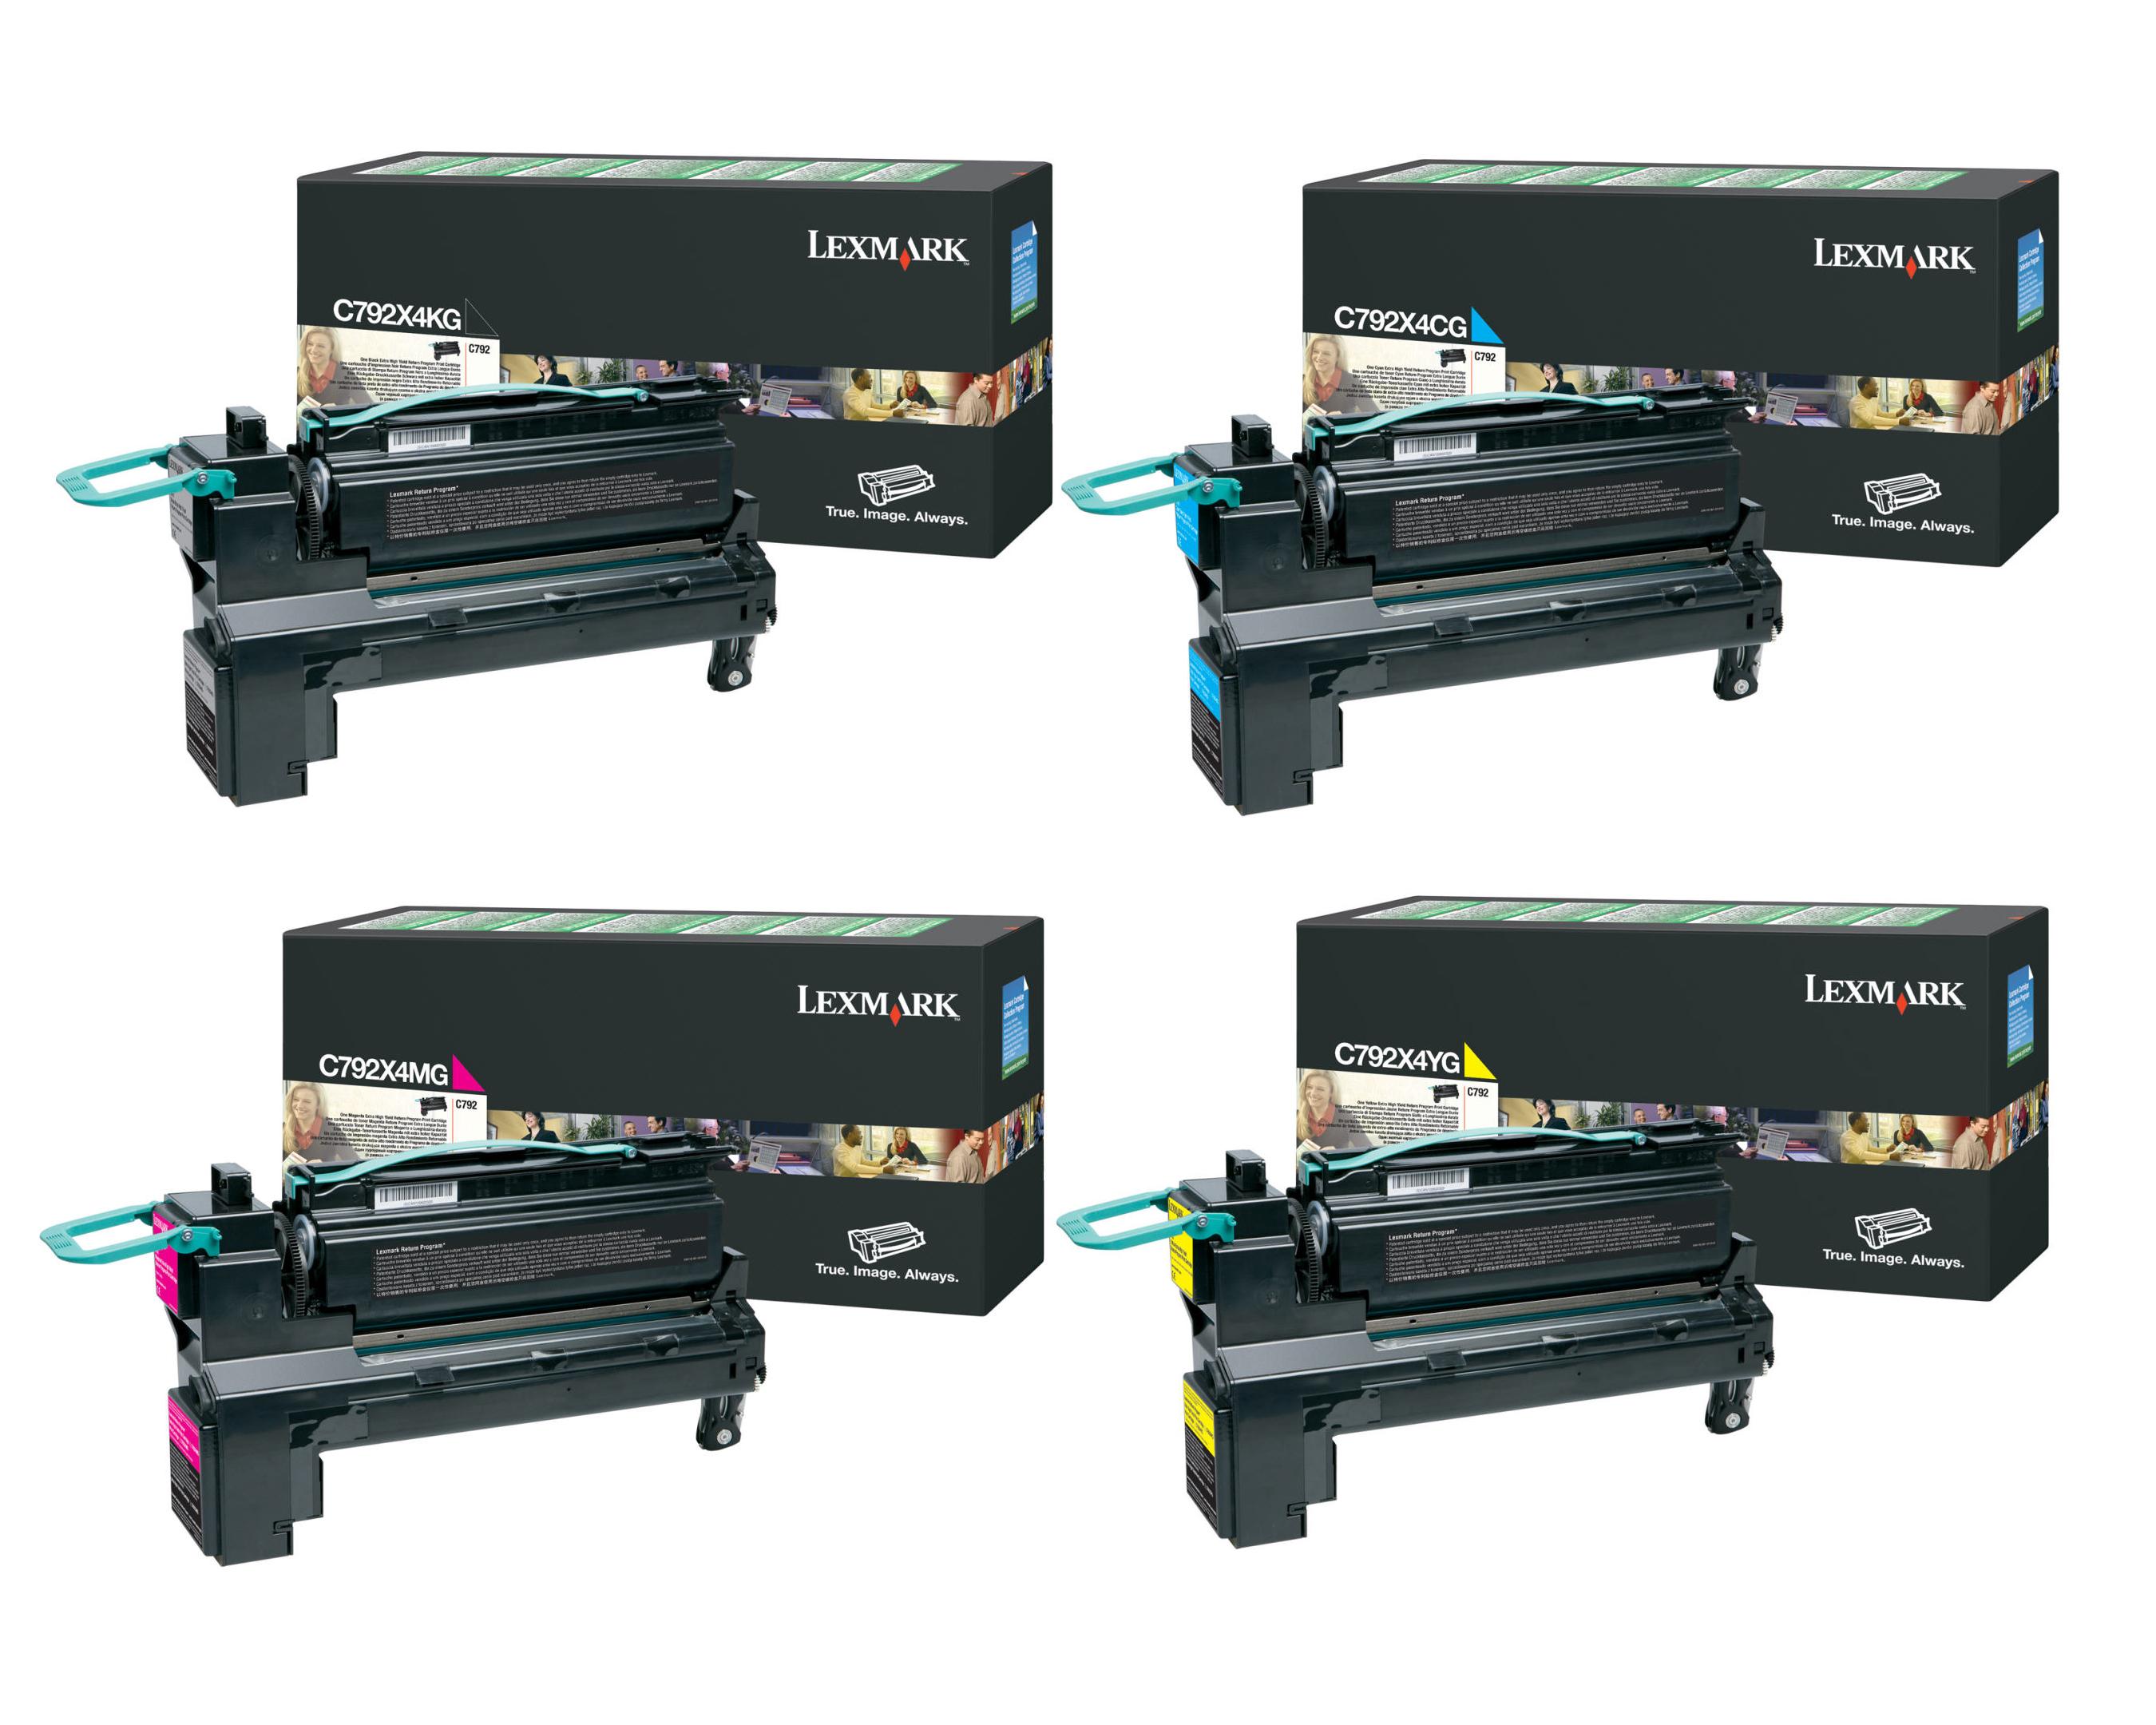 lexmark part c792x4kg c792x4cg c792x4mg c792x4yg toner. Black Bedroom Furniture Sets. Home Design Ideas